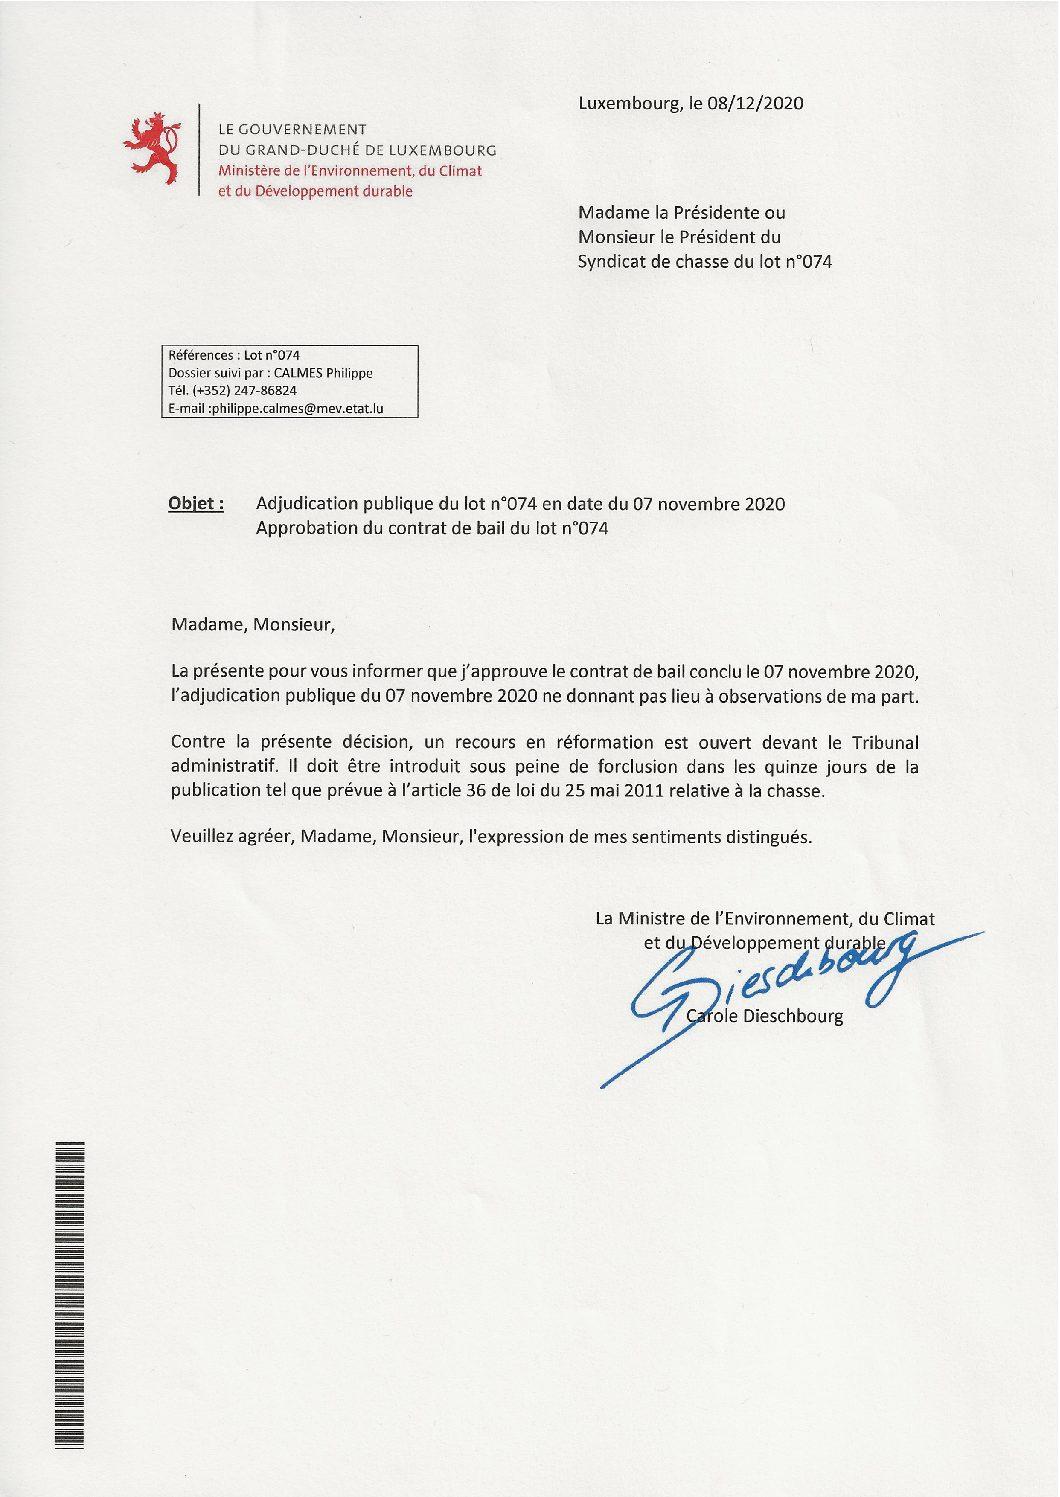 Approbation contrat de bail lot n°074